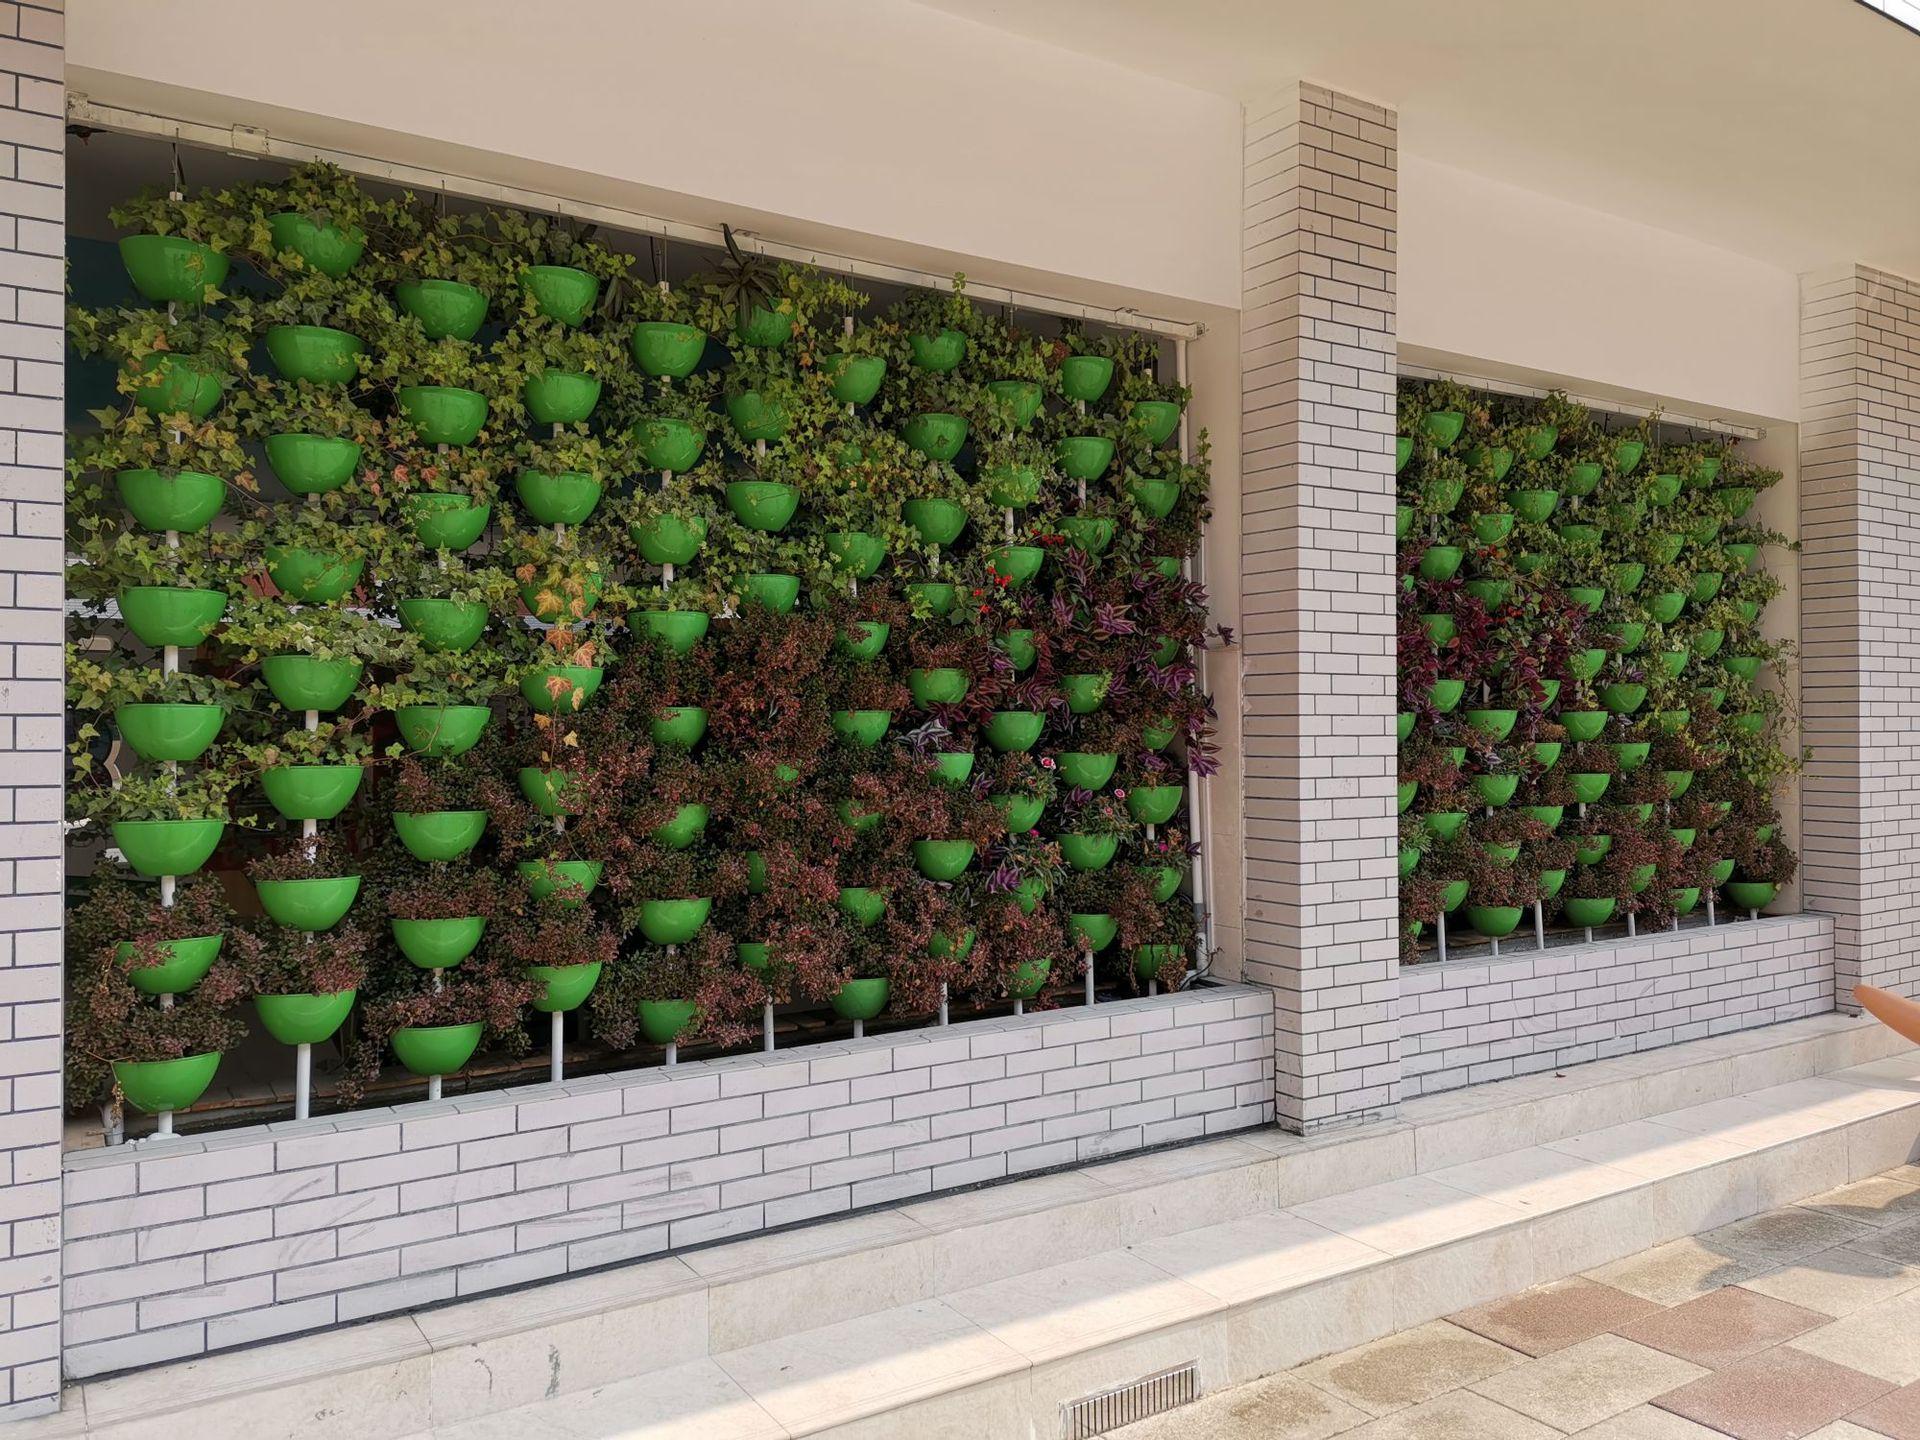 供学校家庭鱼菜共生植物墙绿植墙 水培蔬菜营养土种植设备